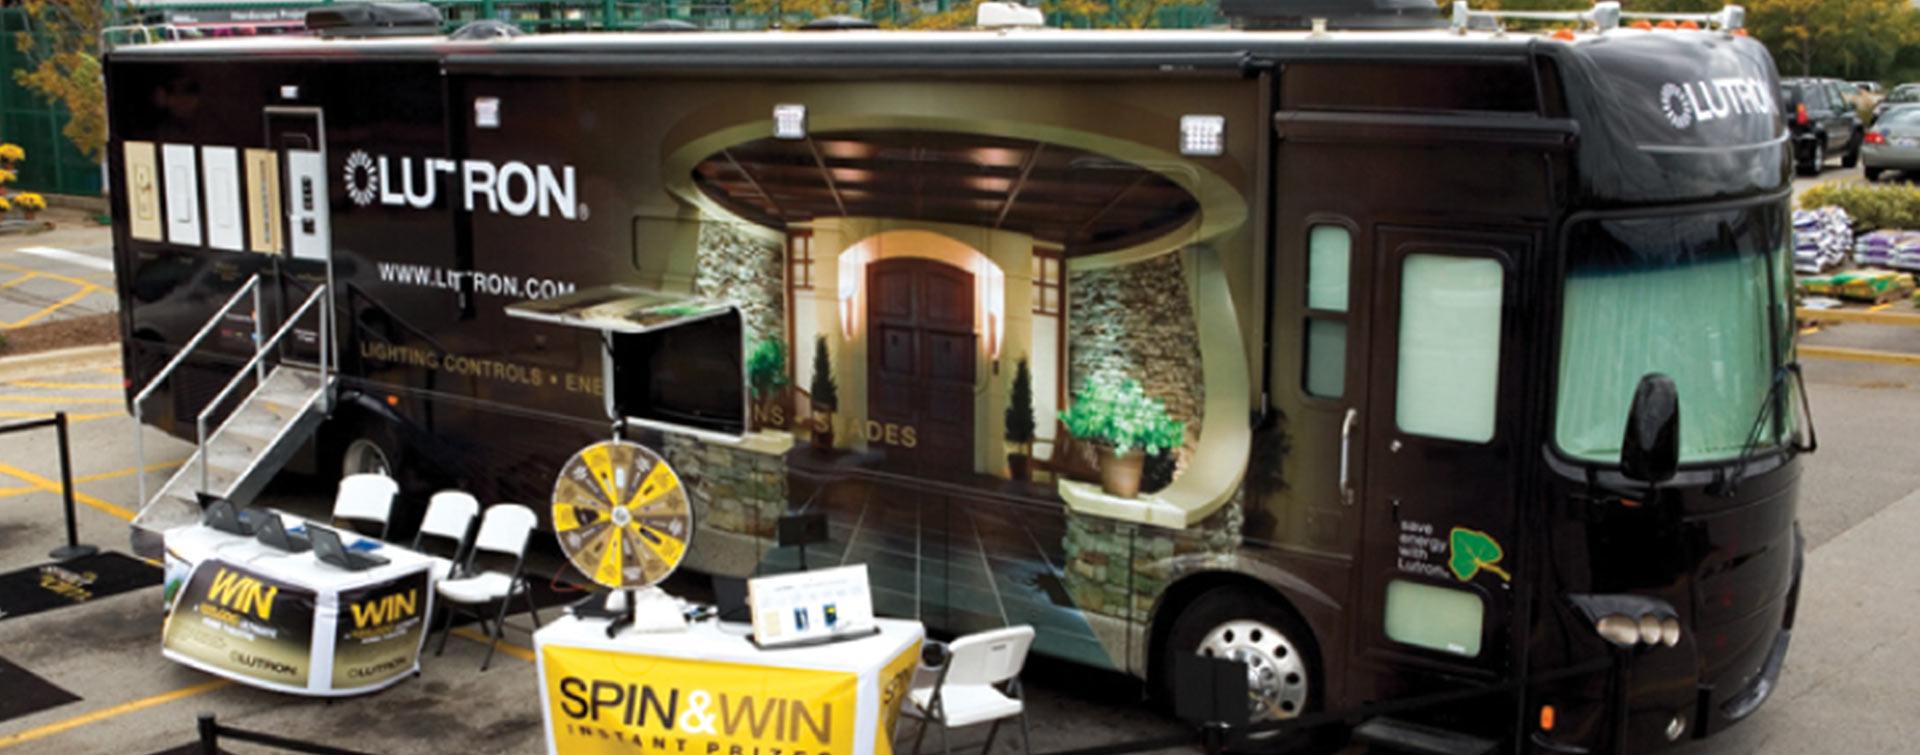 D&S Creative Communications Lutron Tour Bus.